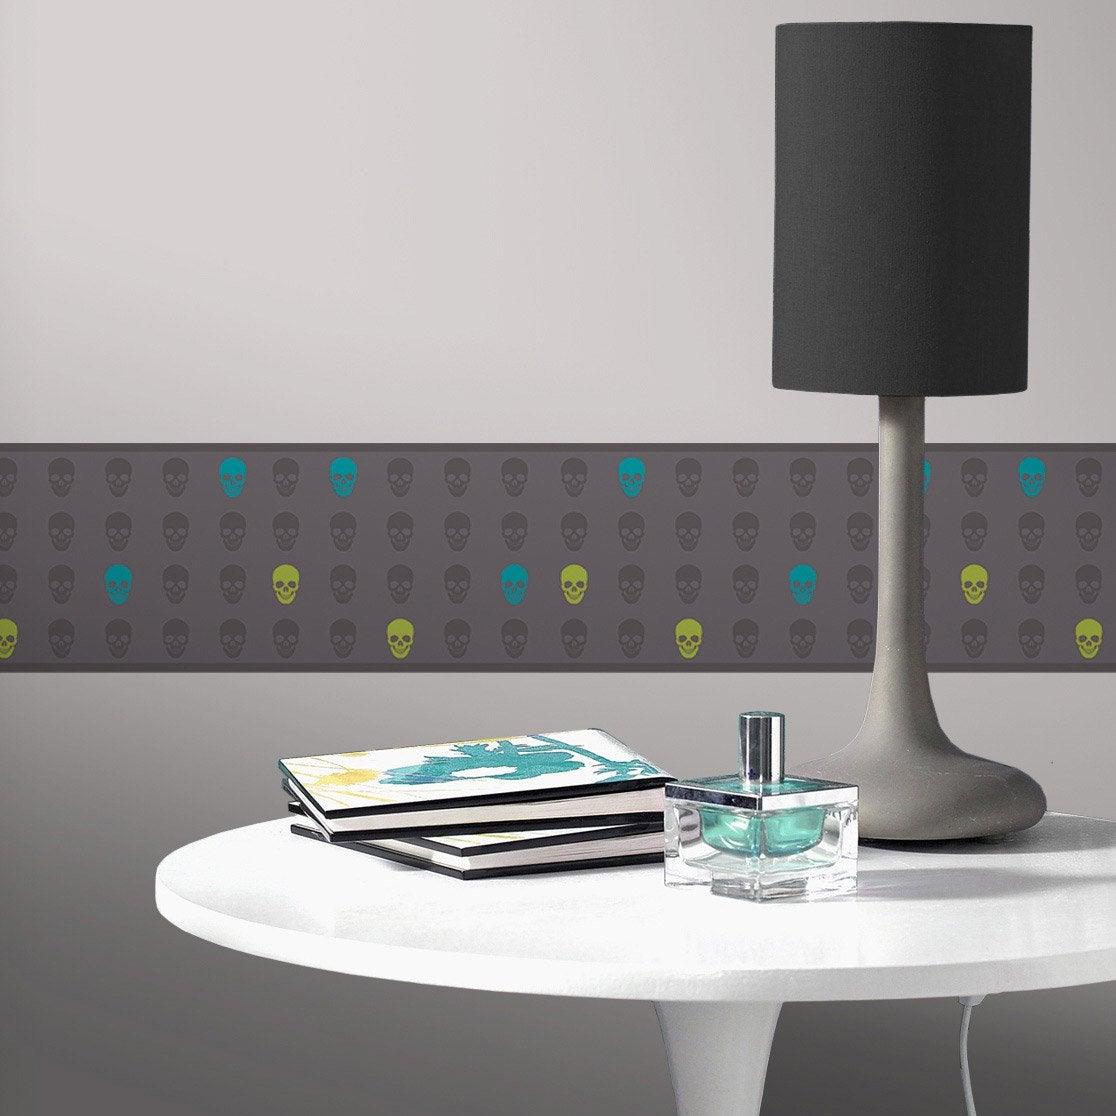 frise vinyle adh sive t te de mort longueur 5 m leroy merlin. Black Bedroom Furniture Sets. Home Design Ideas